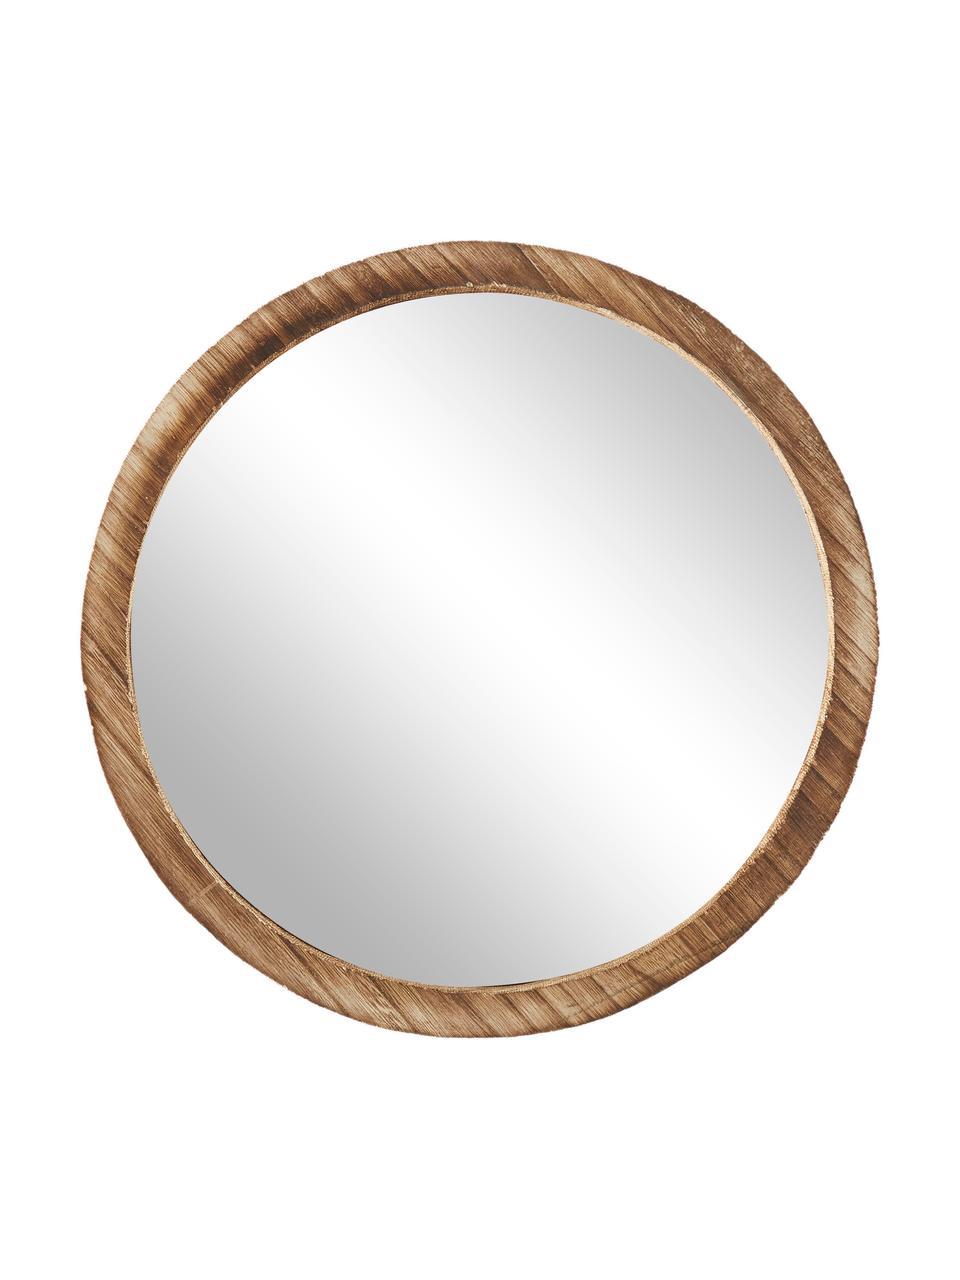 Rundes Wandspiegel-Set Jones mit braunen Paulowniaholzrahmen, 3-tlg., Rahmen: Paulowniaholz, Spiegelfläche: Spiegelglas, Braun, Set mit verschiedenen Größen